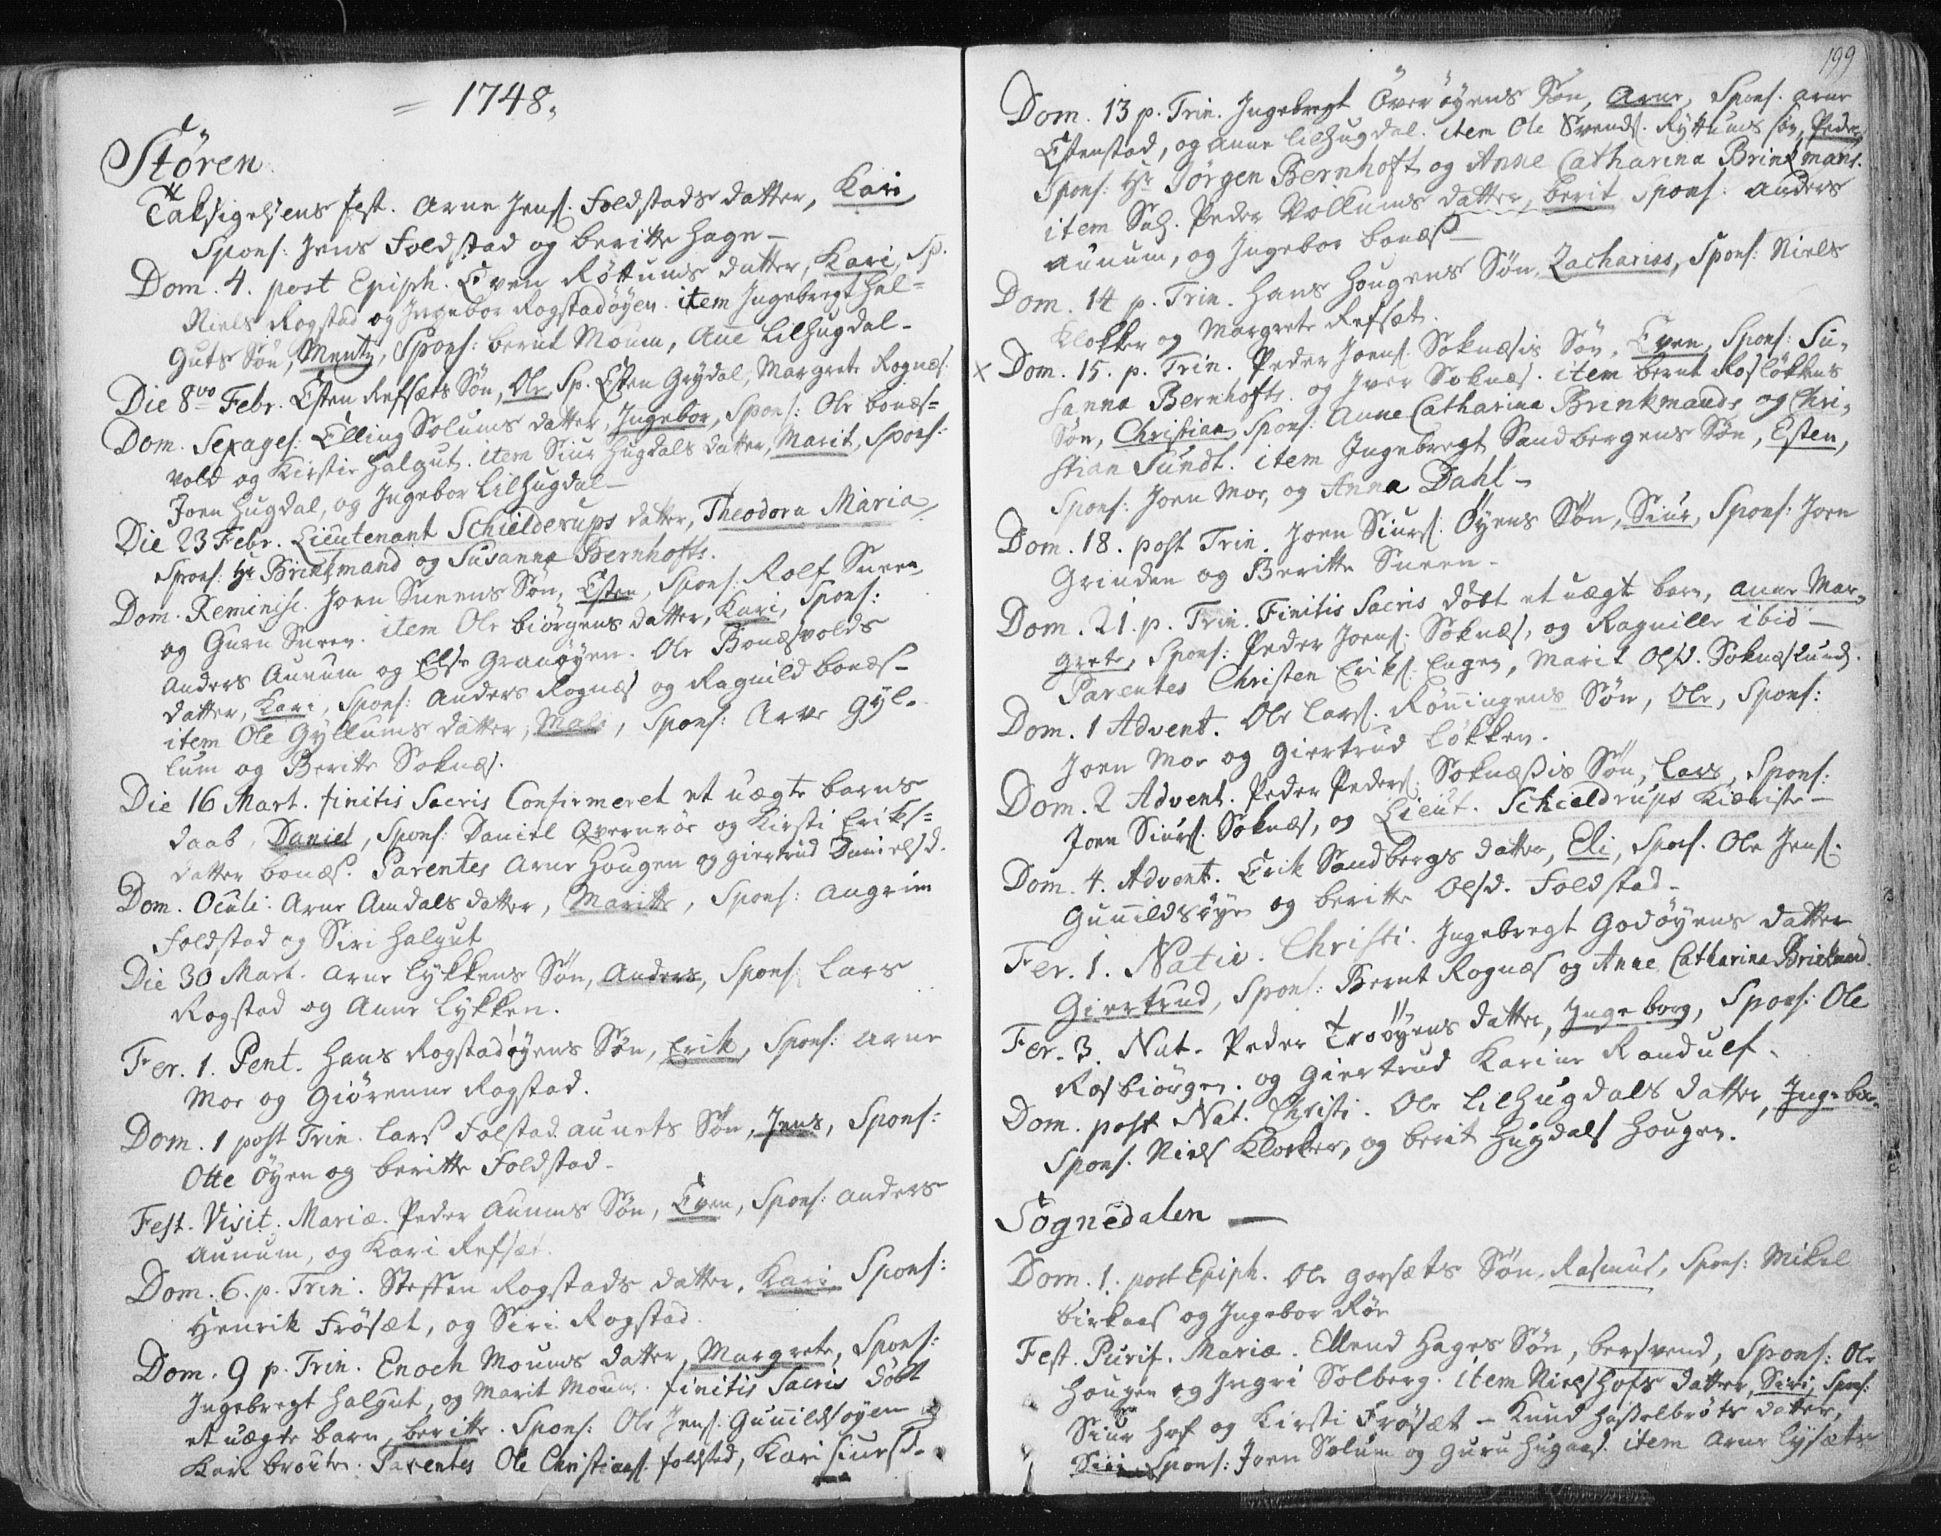 SAT, Ministerialprotokoller, klokkerbøker og fødselsregistre - Sør-Trøndelag, 687/L0991: Ministerialbok nr. 687A02, 1747-1790, s. 199